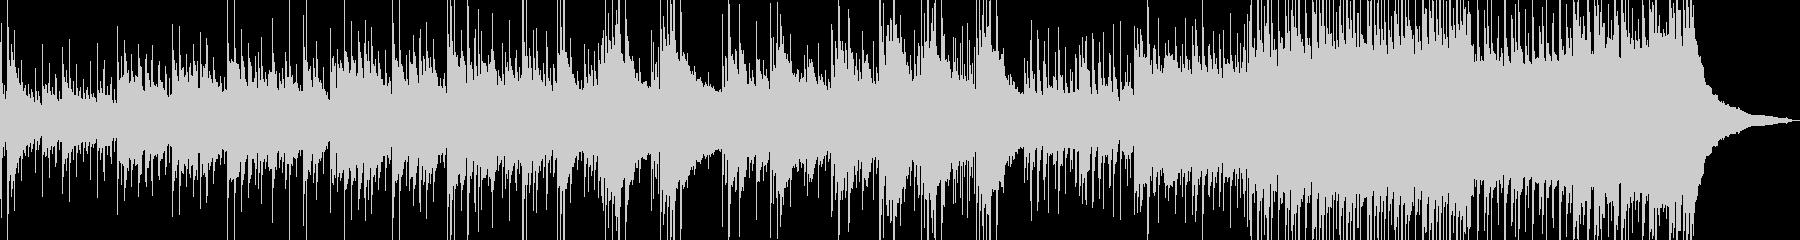 ドラムが落ち着くアコースティック音楽の未再生の波形